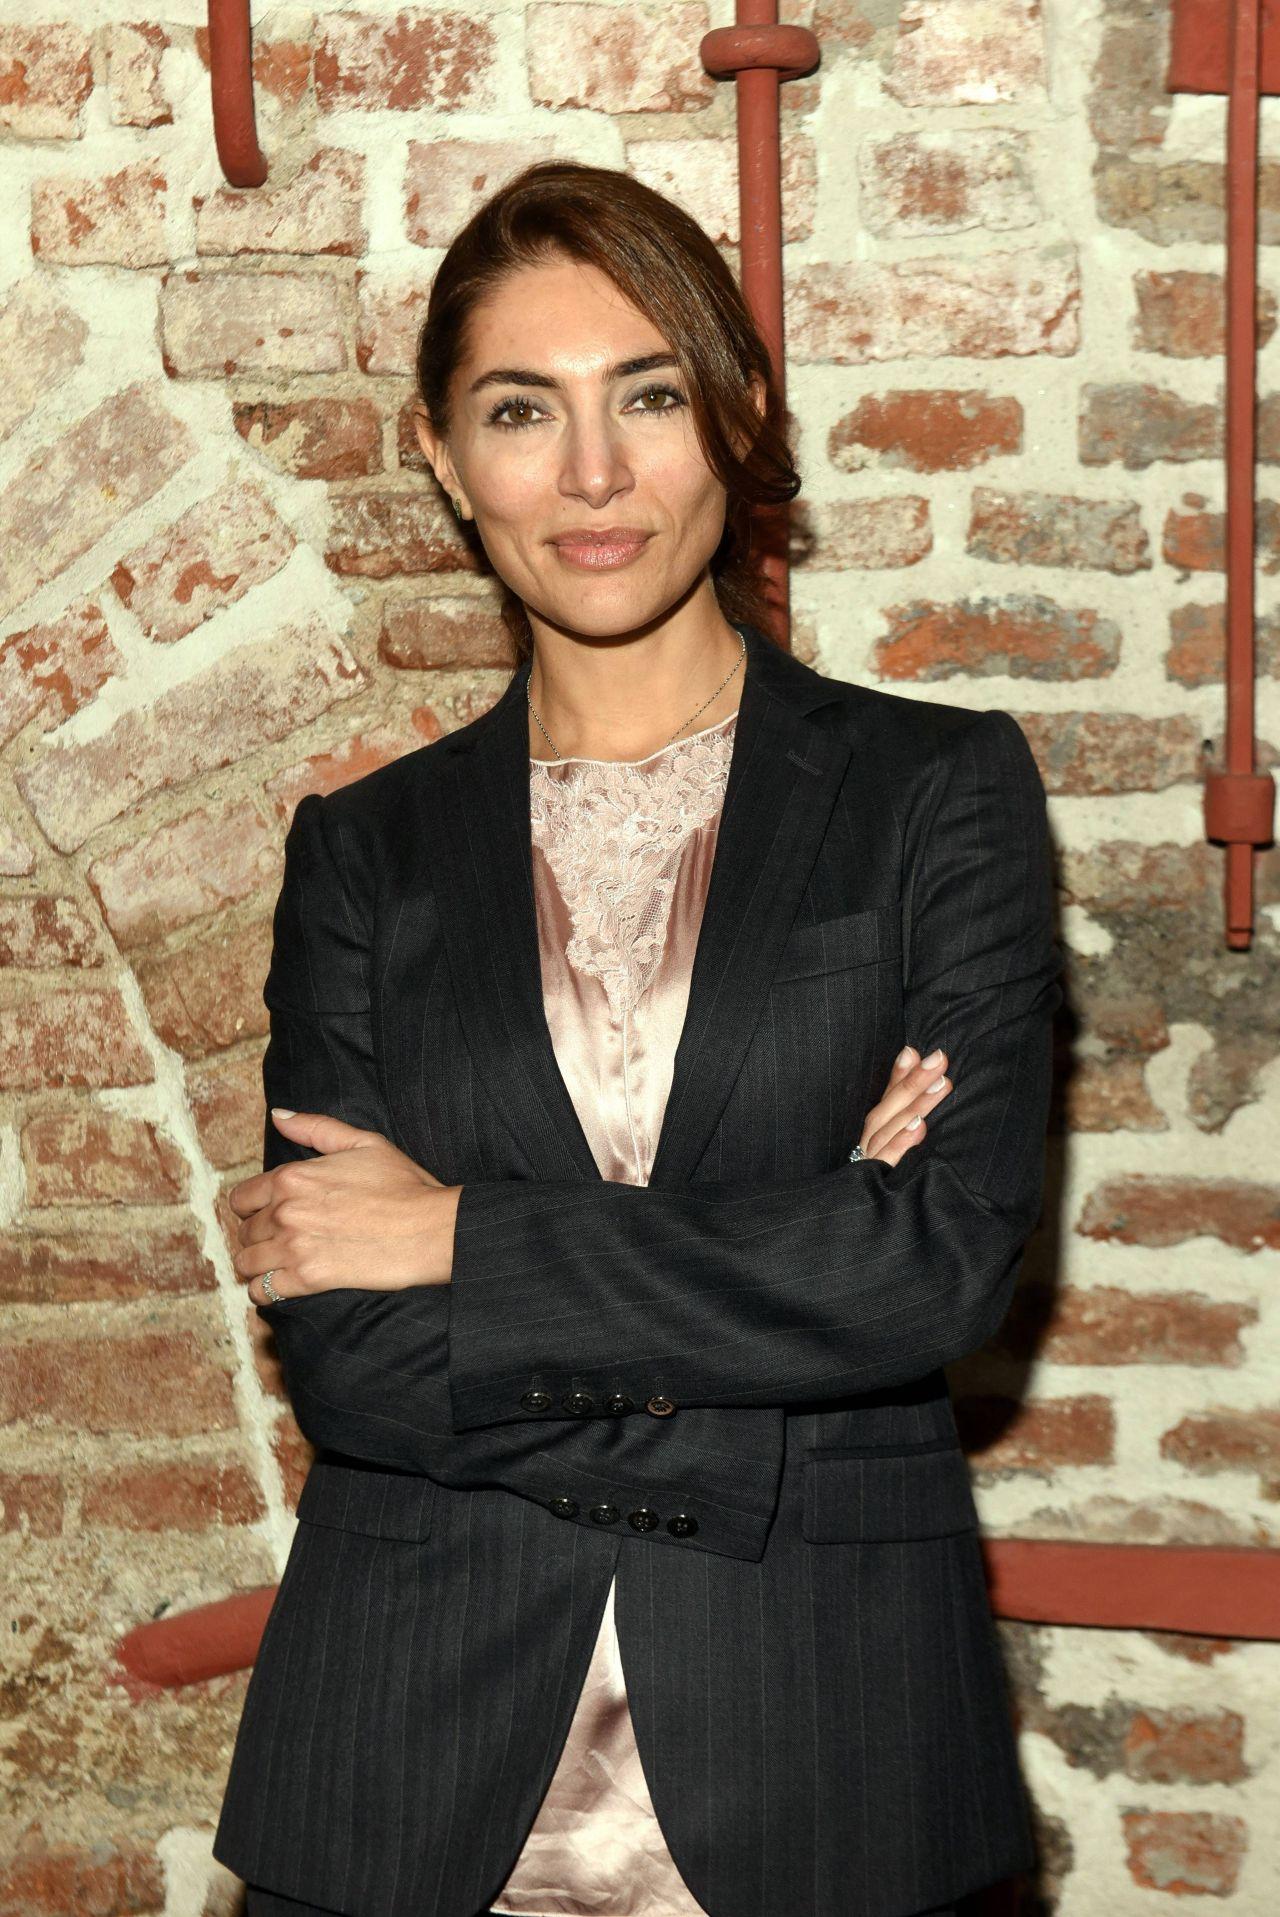 Caterina Murino 2014